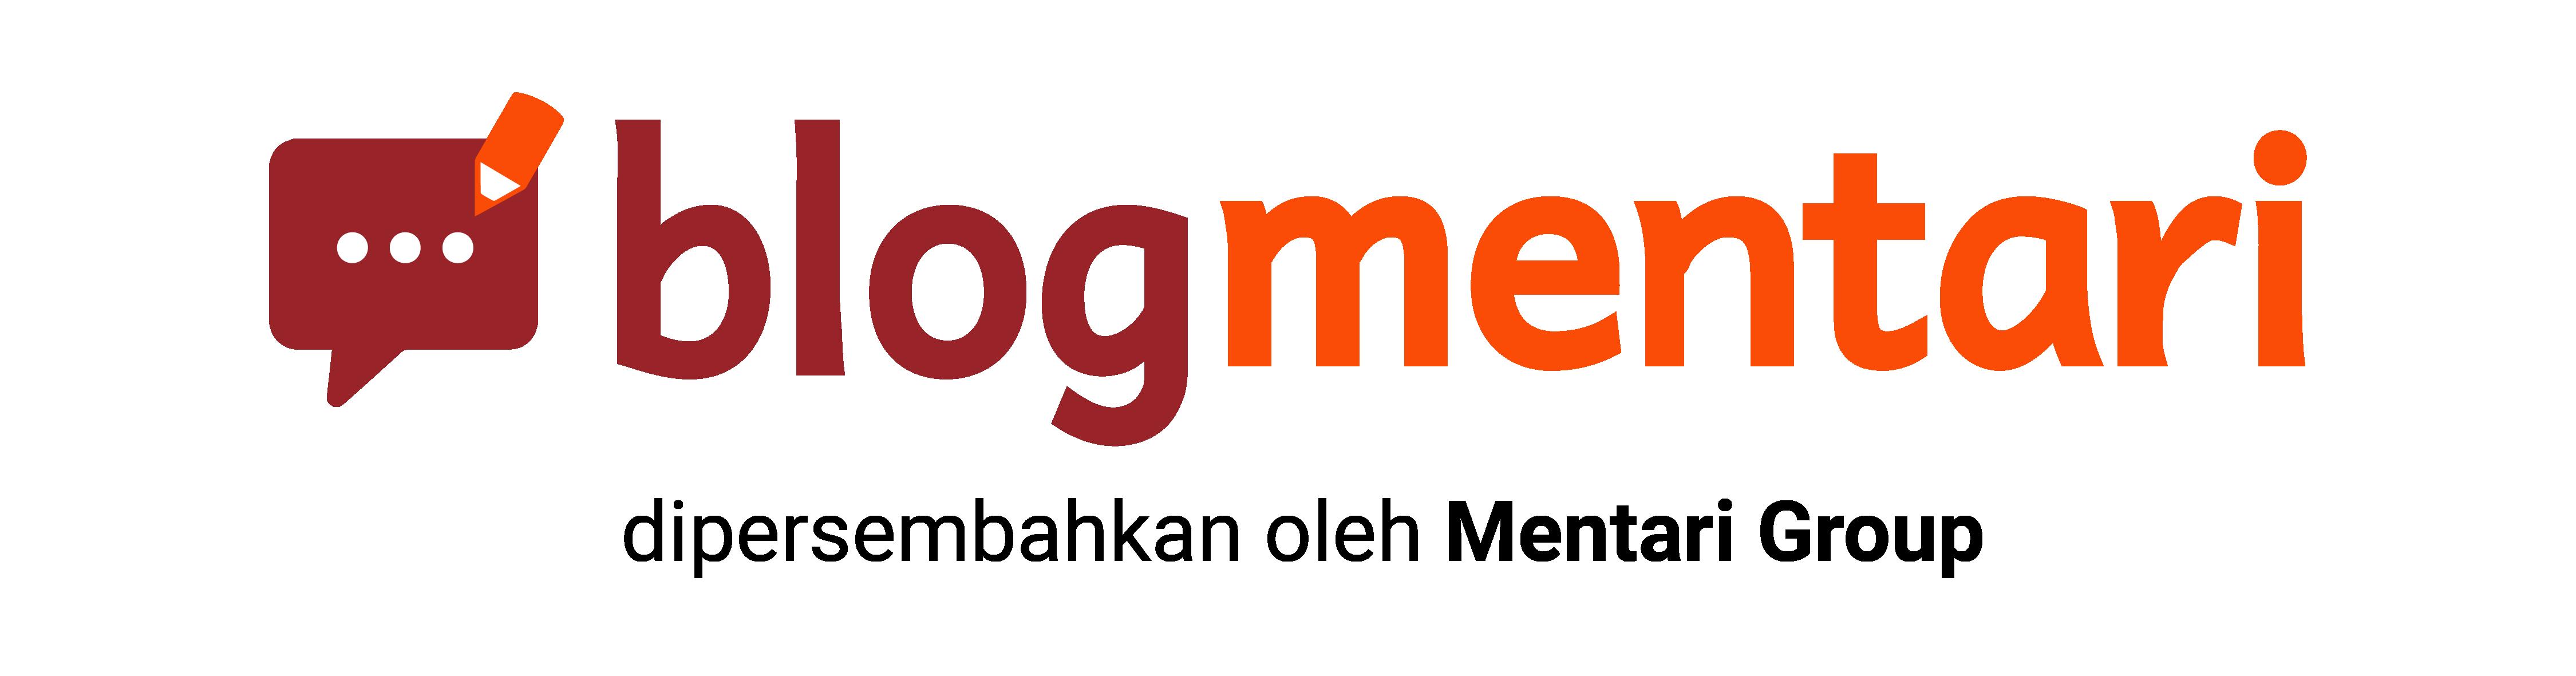 blogmentari